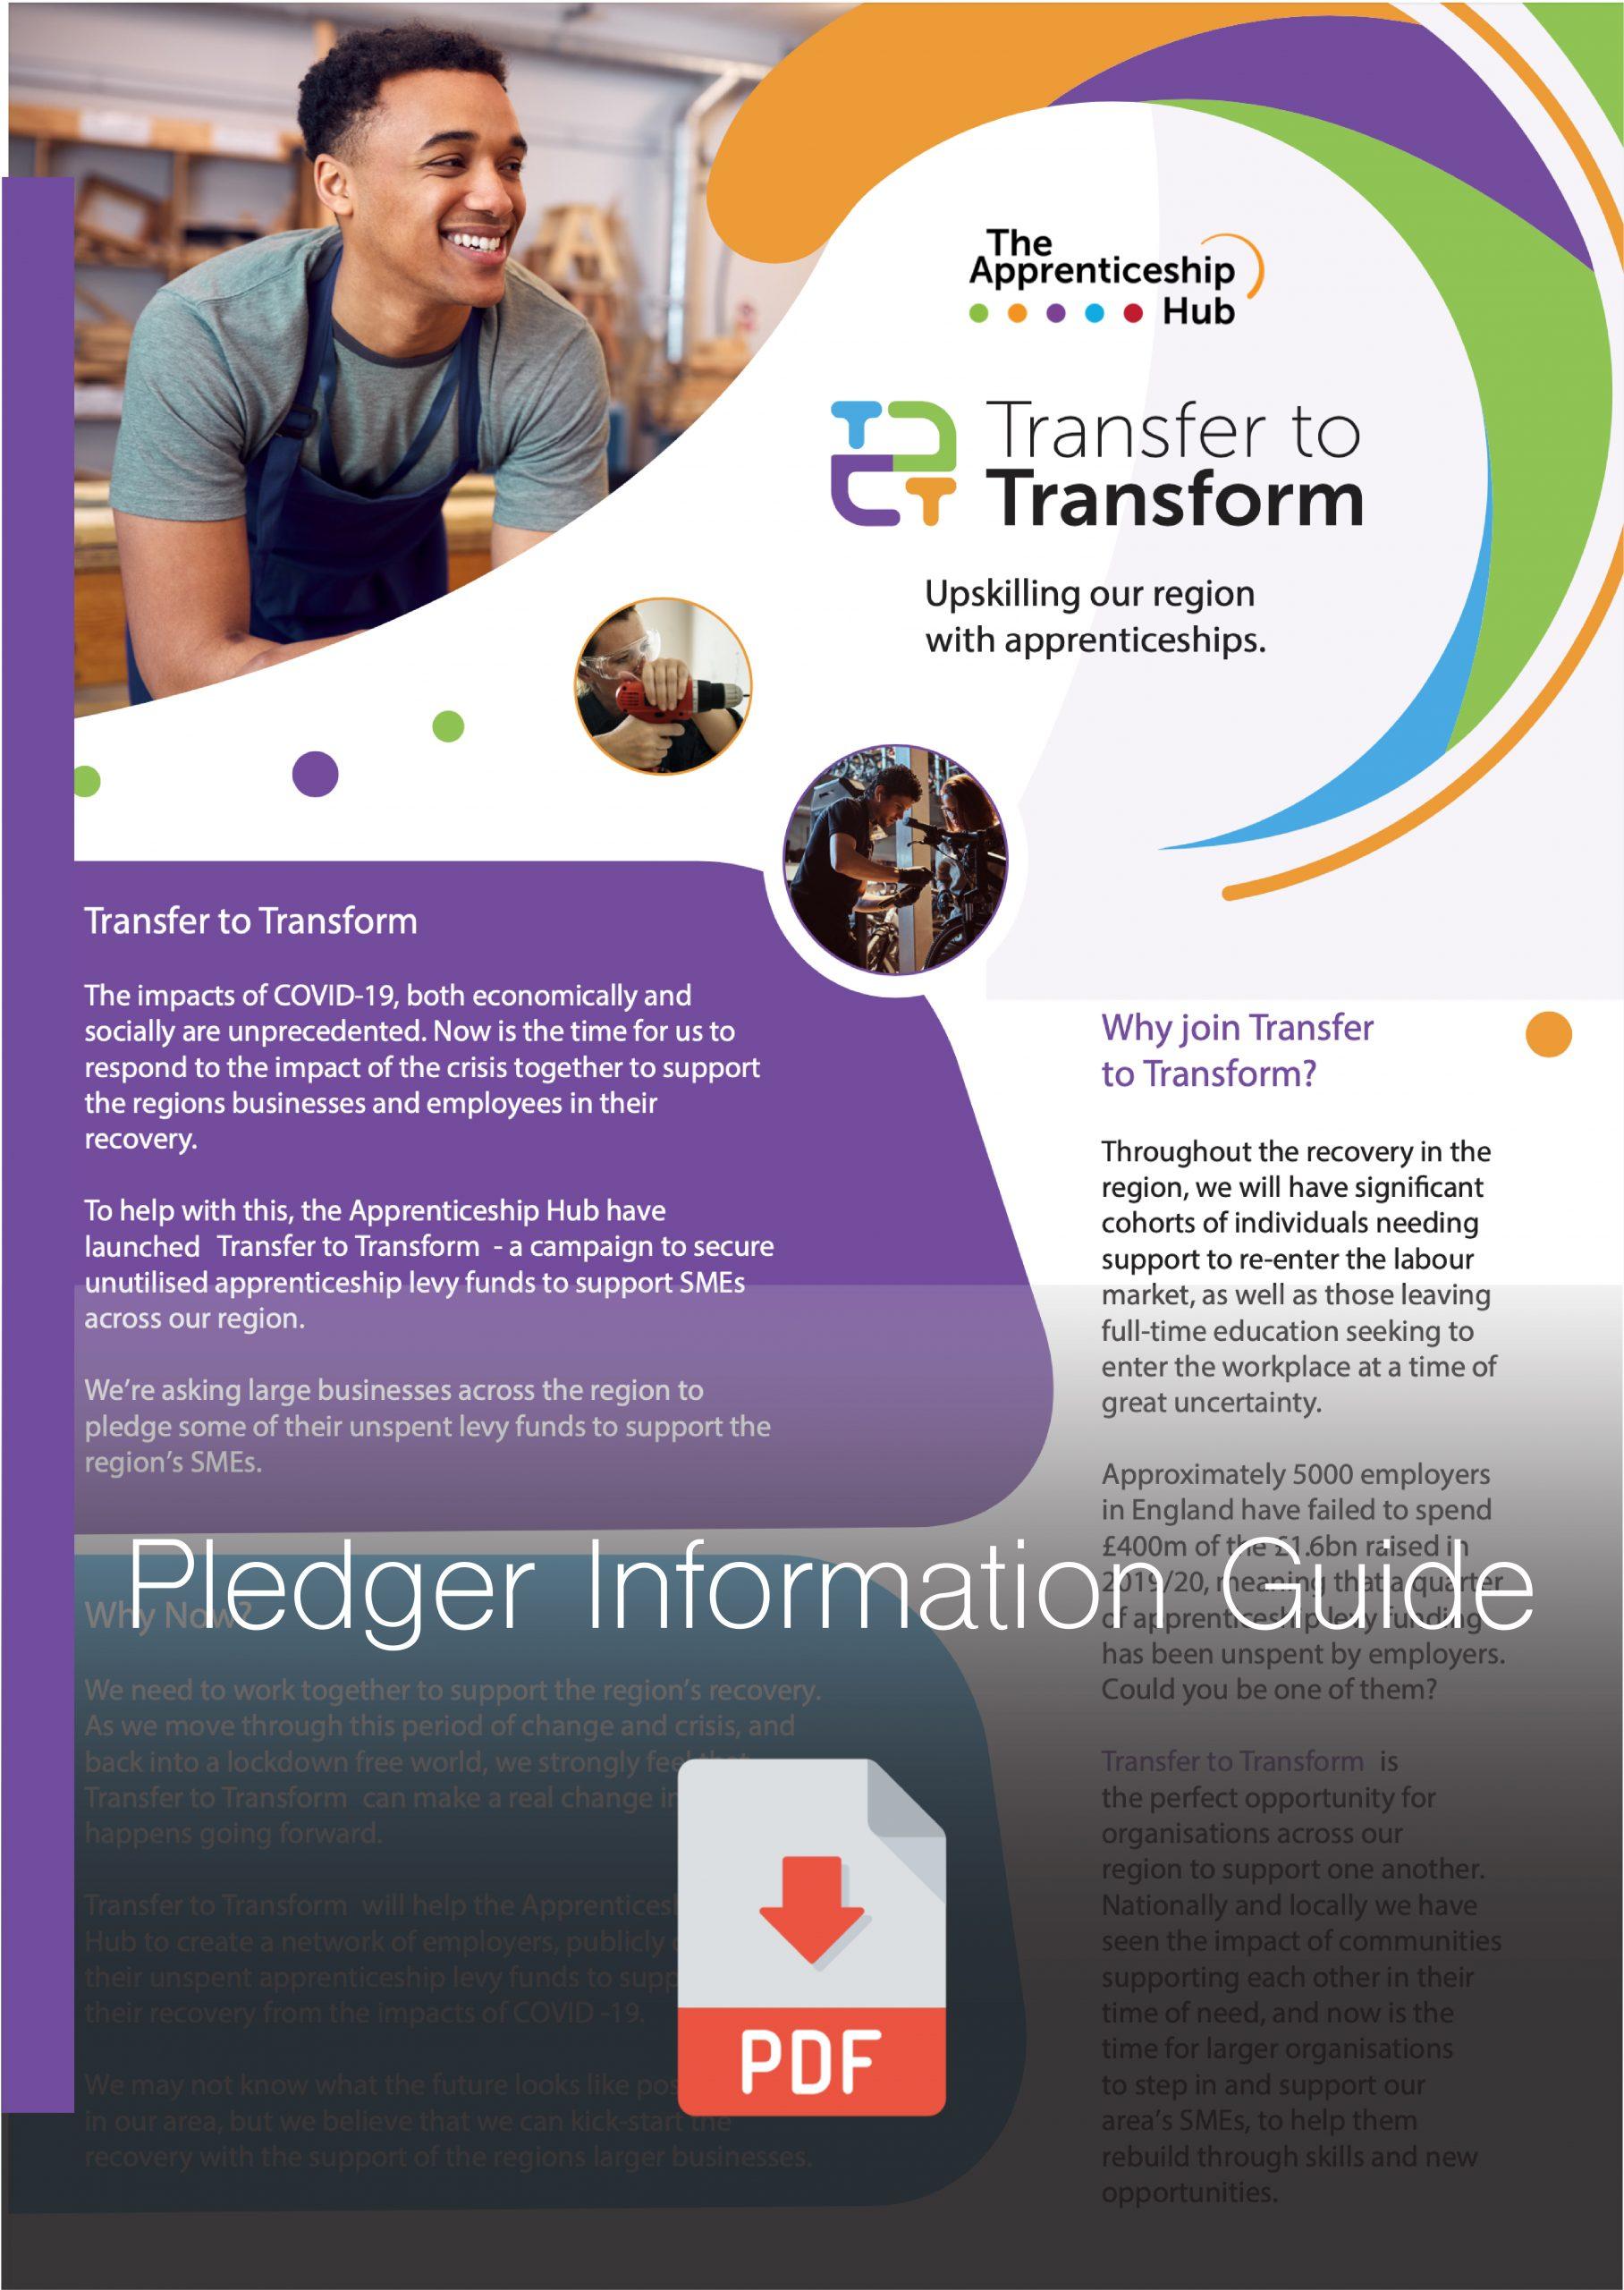 Pledger Transfer to Transform Guide